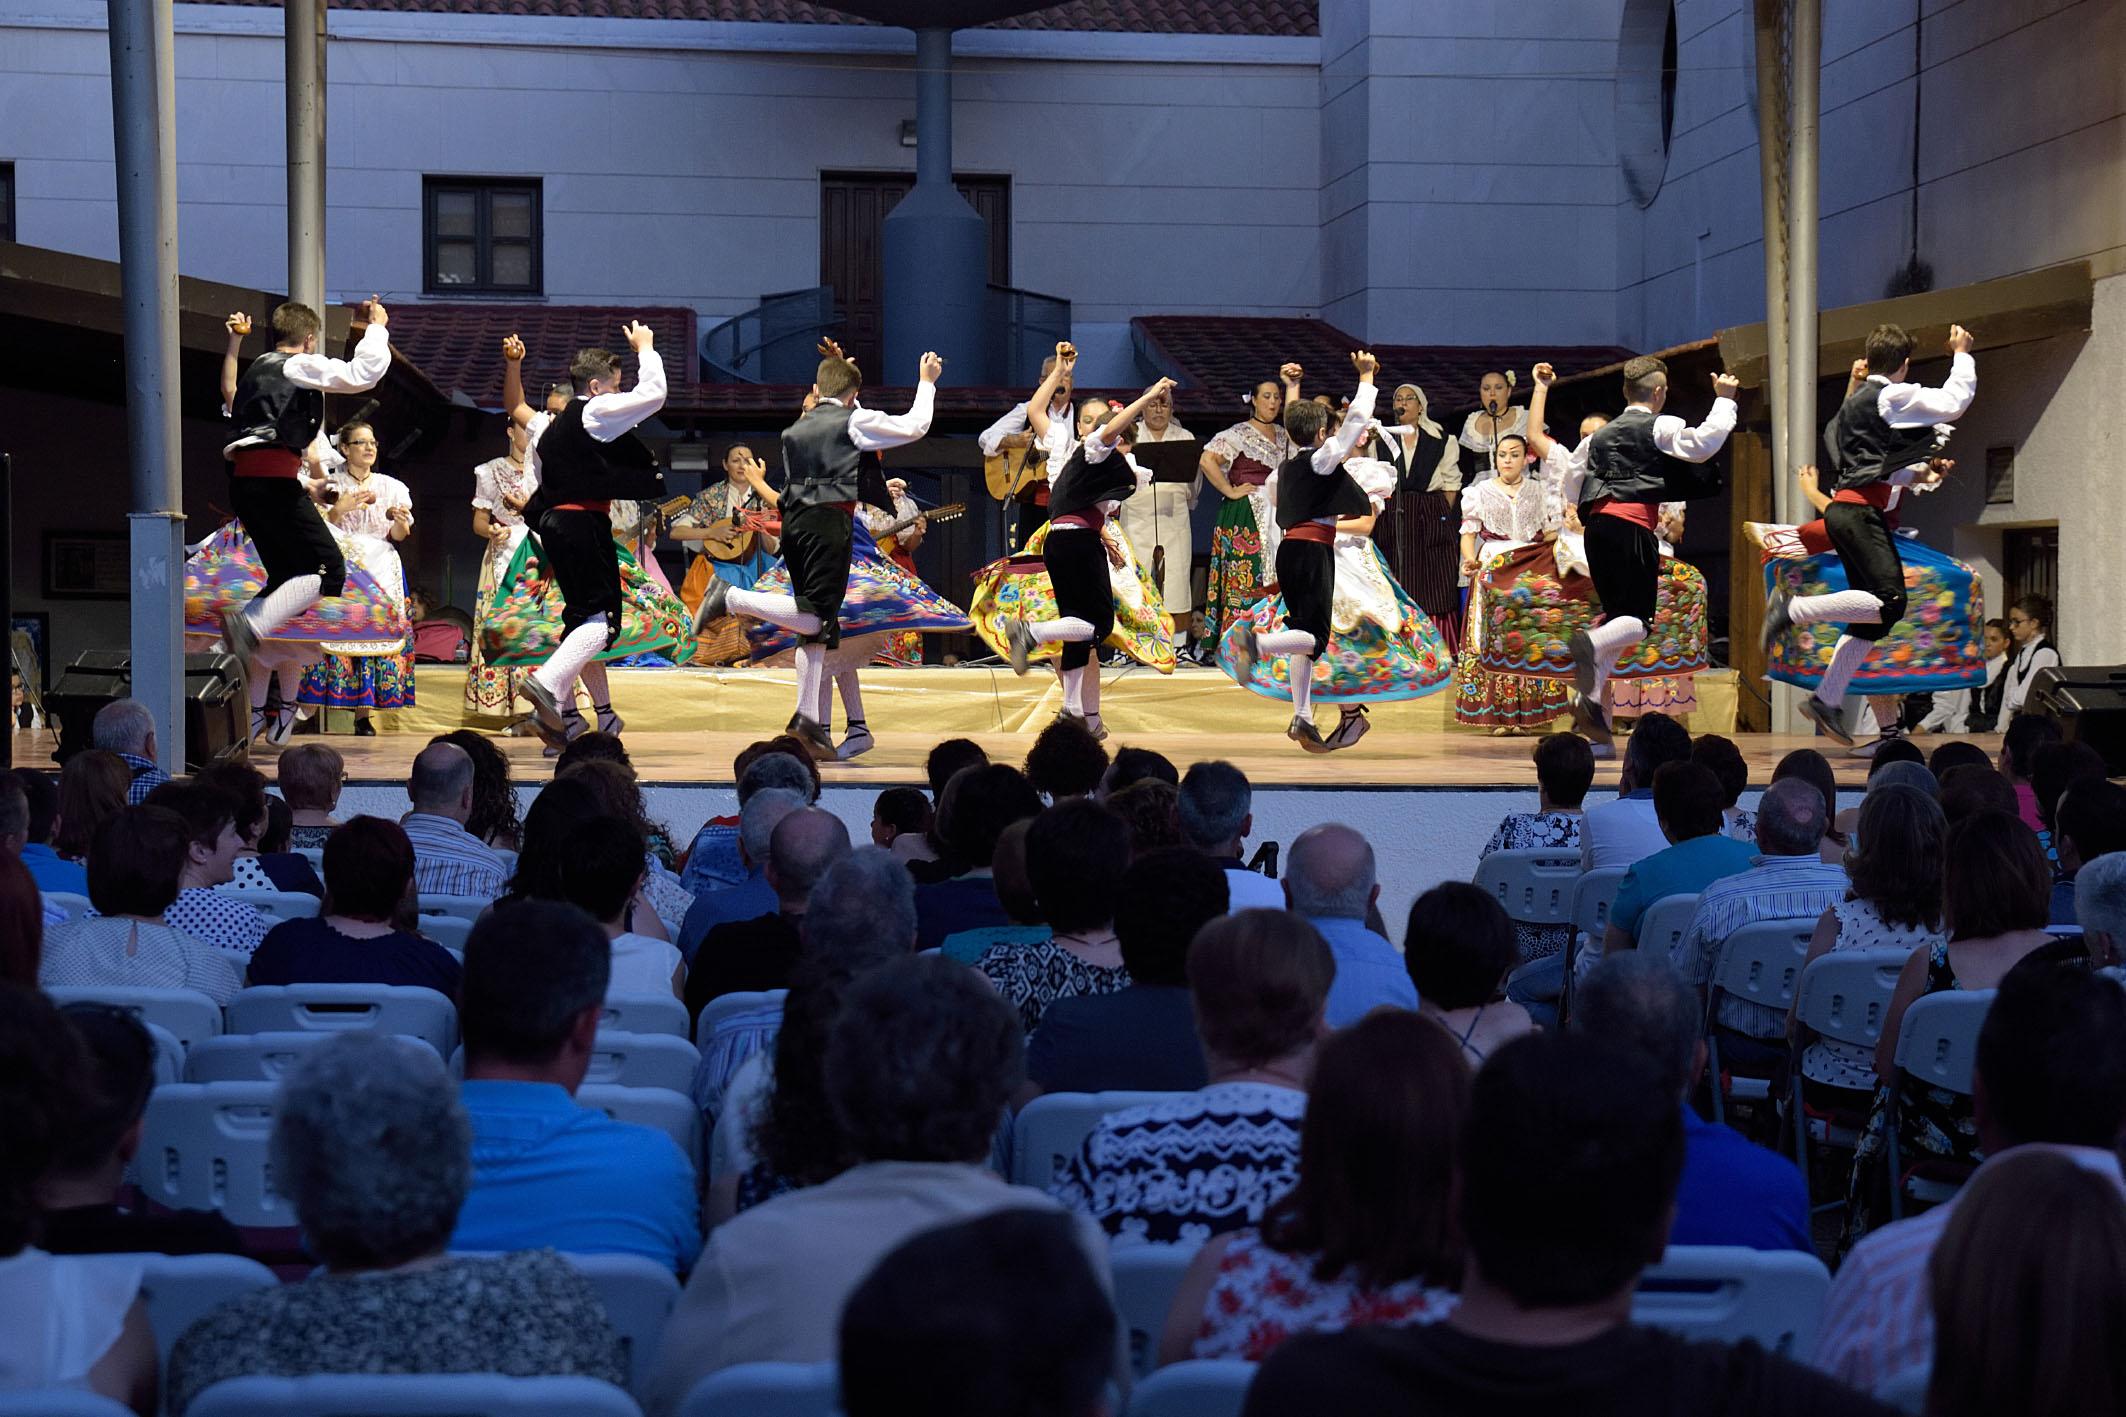 XVII Festival Infantil Folclore, Lorca